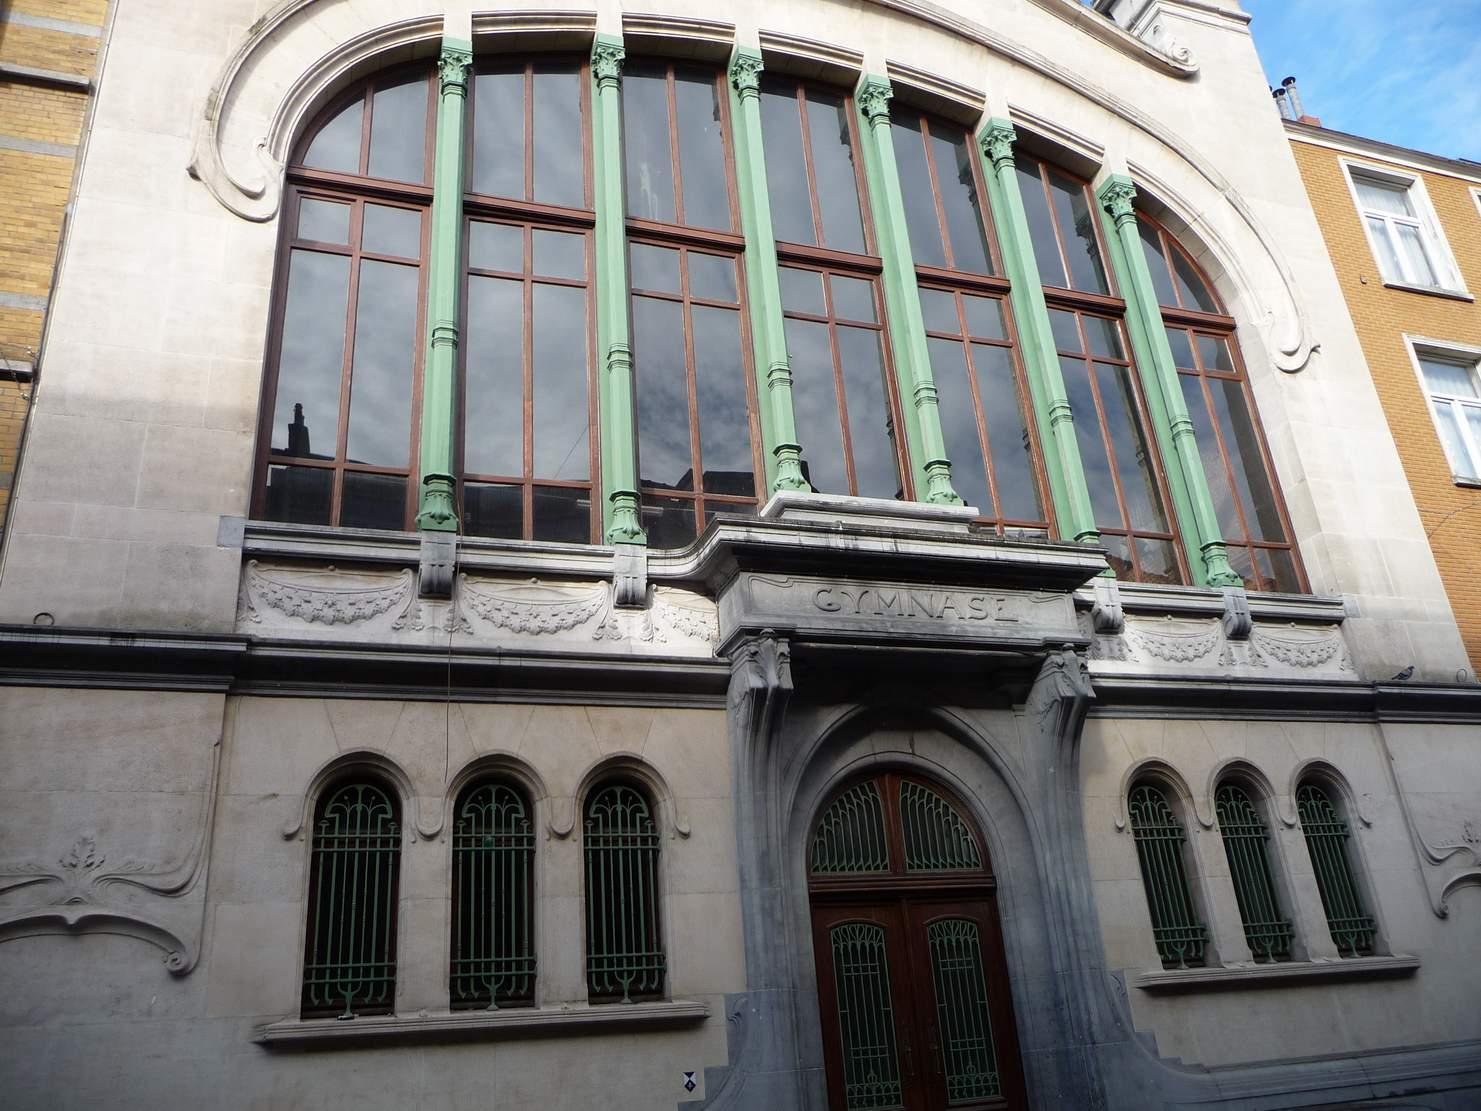 Architektur Erkundungen In Brüssel: Brüssel-Exkursion 2012_3